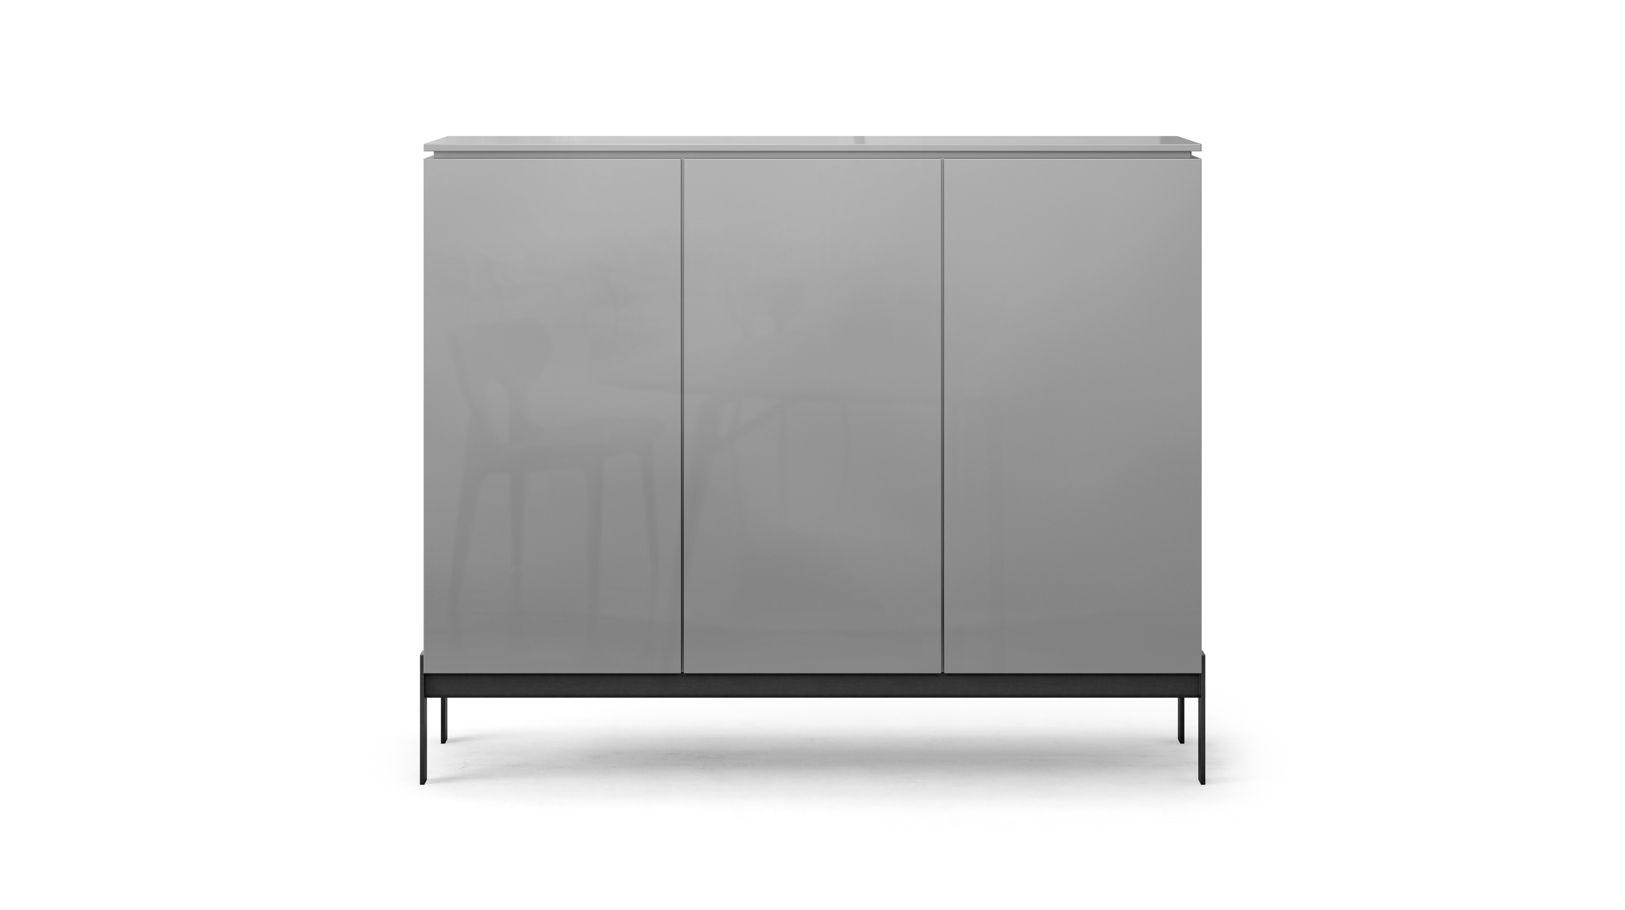 buffet coda roche bobois. Black Bedroom Furniture Sets. Home Design Ideas